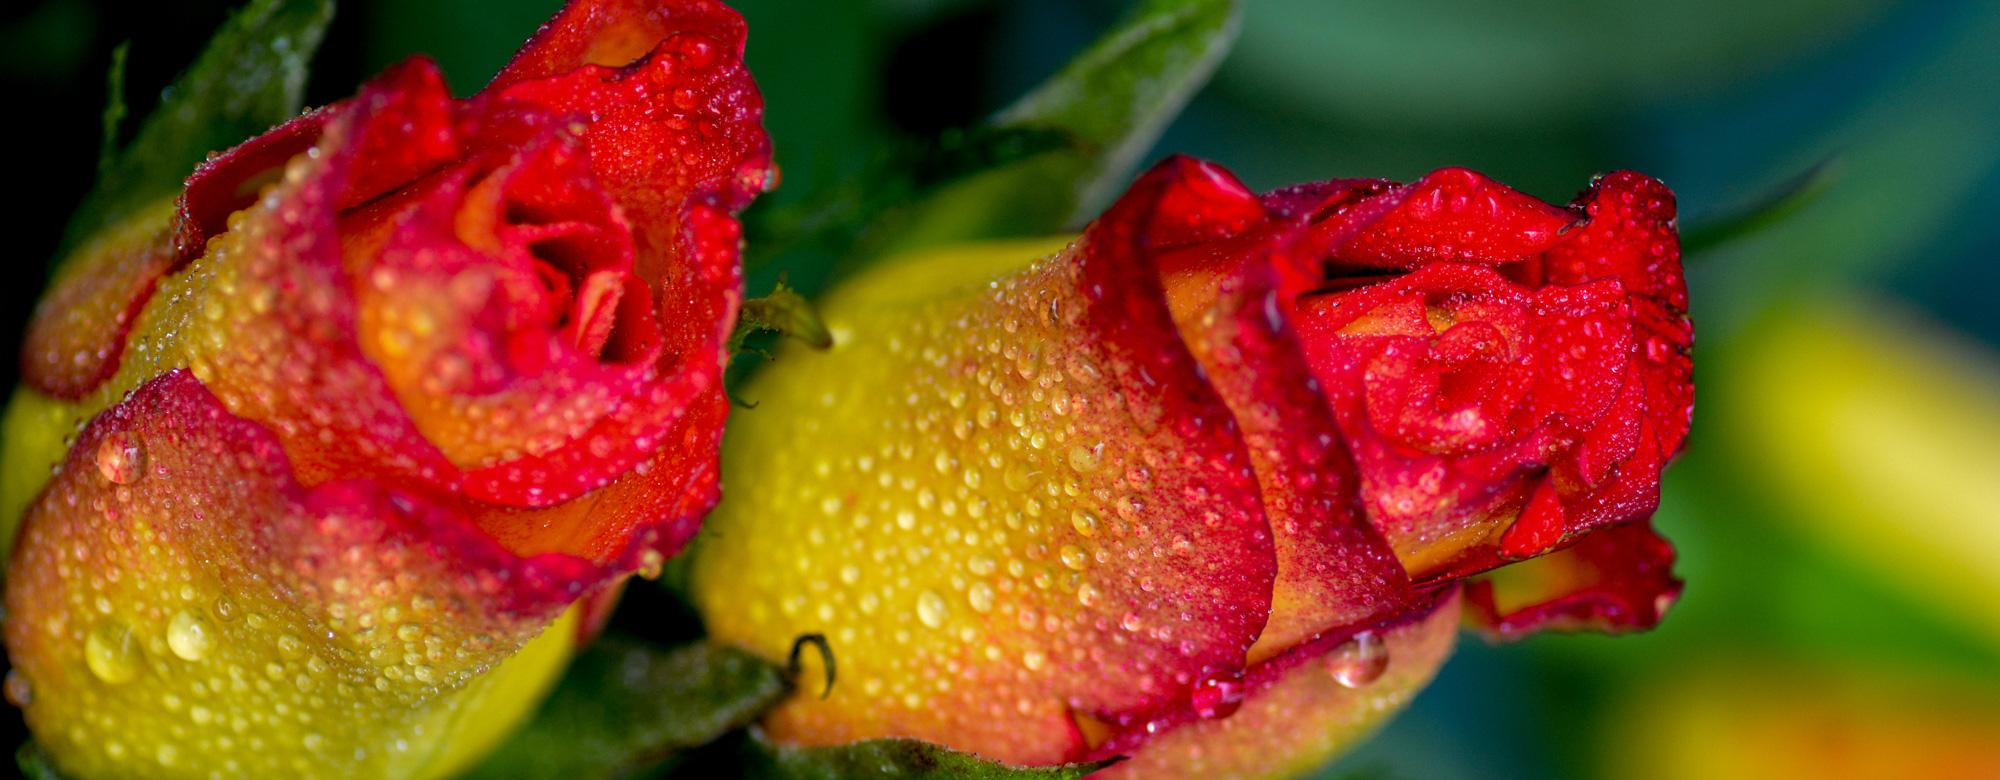 Två rosor i dagg